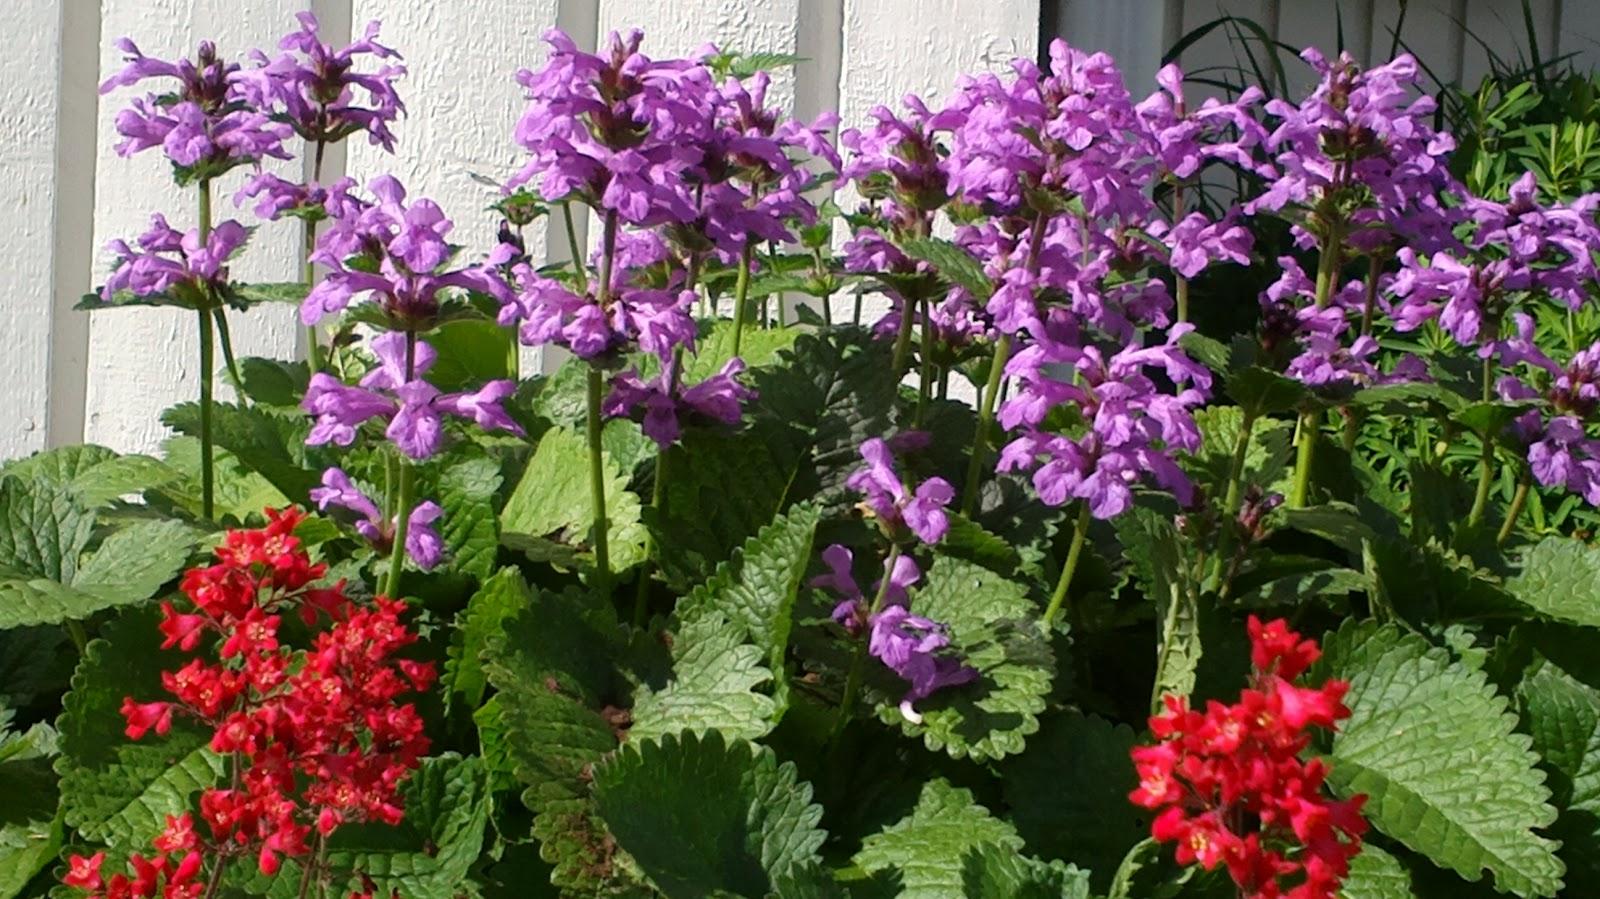 Pähkämö ja jalokallioiset kukkivat – 'Superbas' have begun to bloom